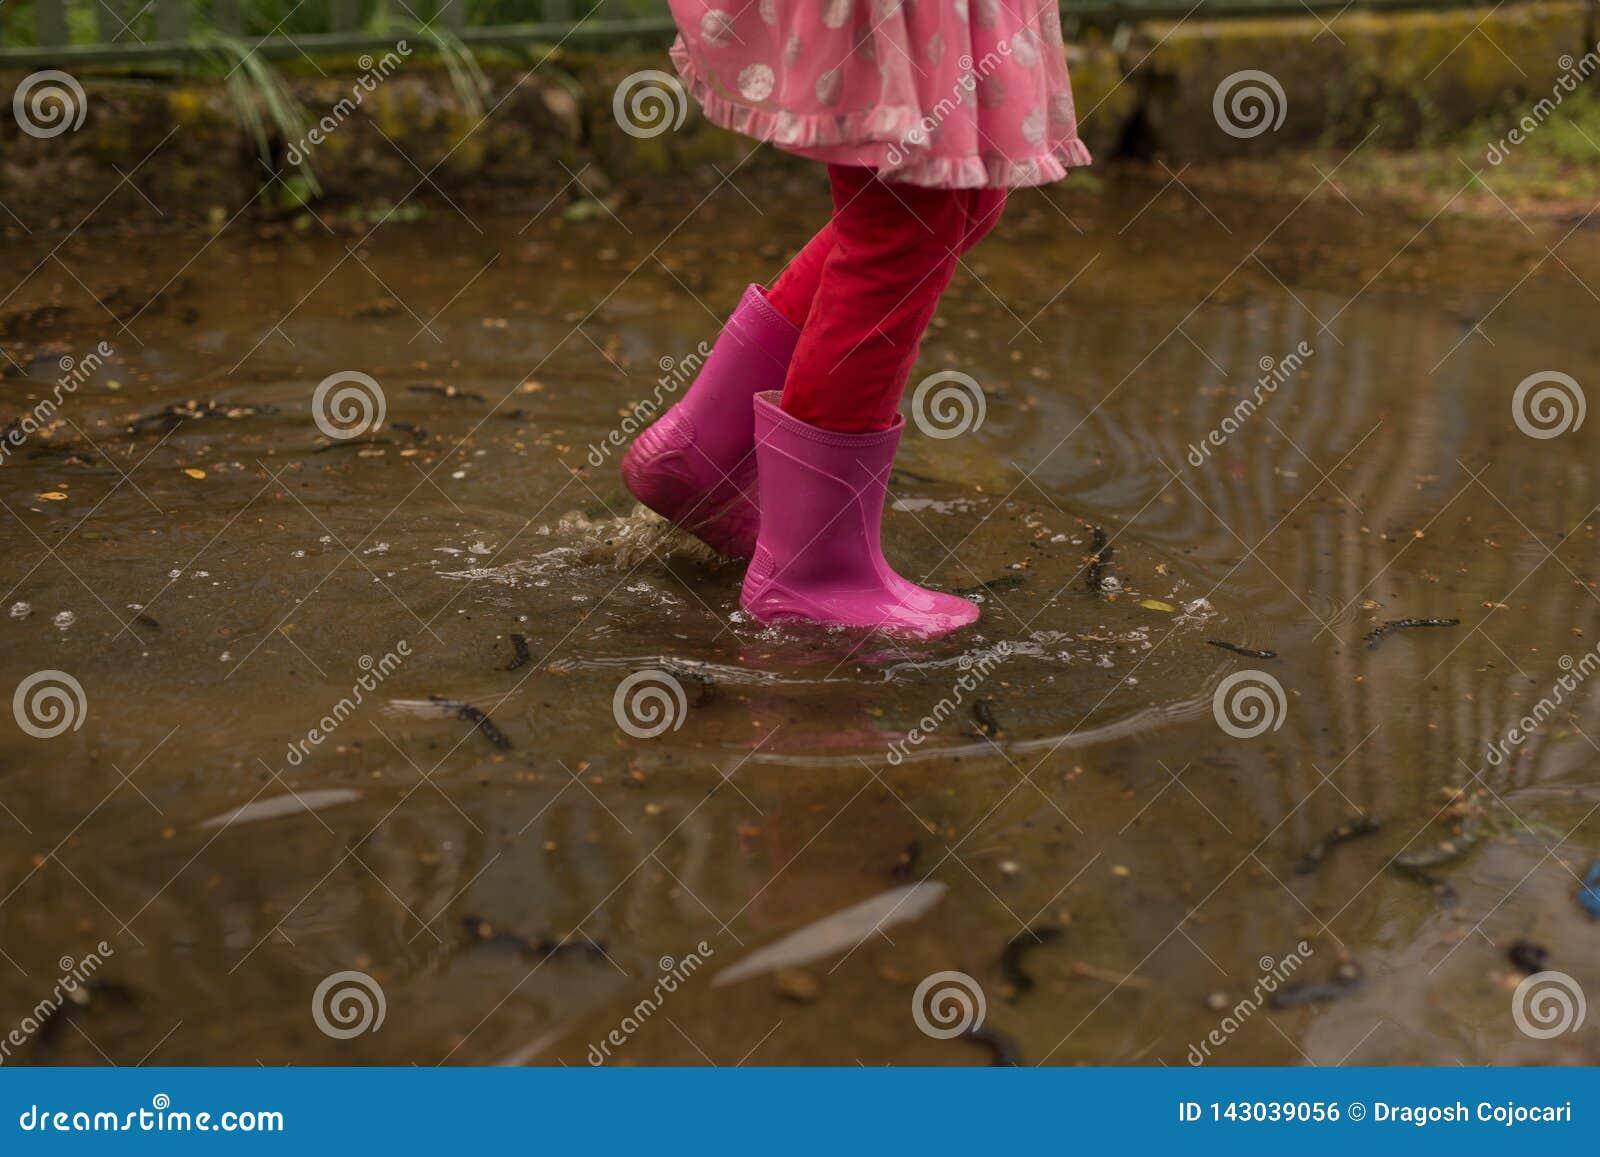 Εύθυμο υπαίθριο άλμα μικρών κοριτσιών στη λακκούβα στη ρόδινη μπότα μετά από τη βροχή ανασκόπησης τα μαύρα γίνοντα εικόνα χρήματα